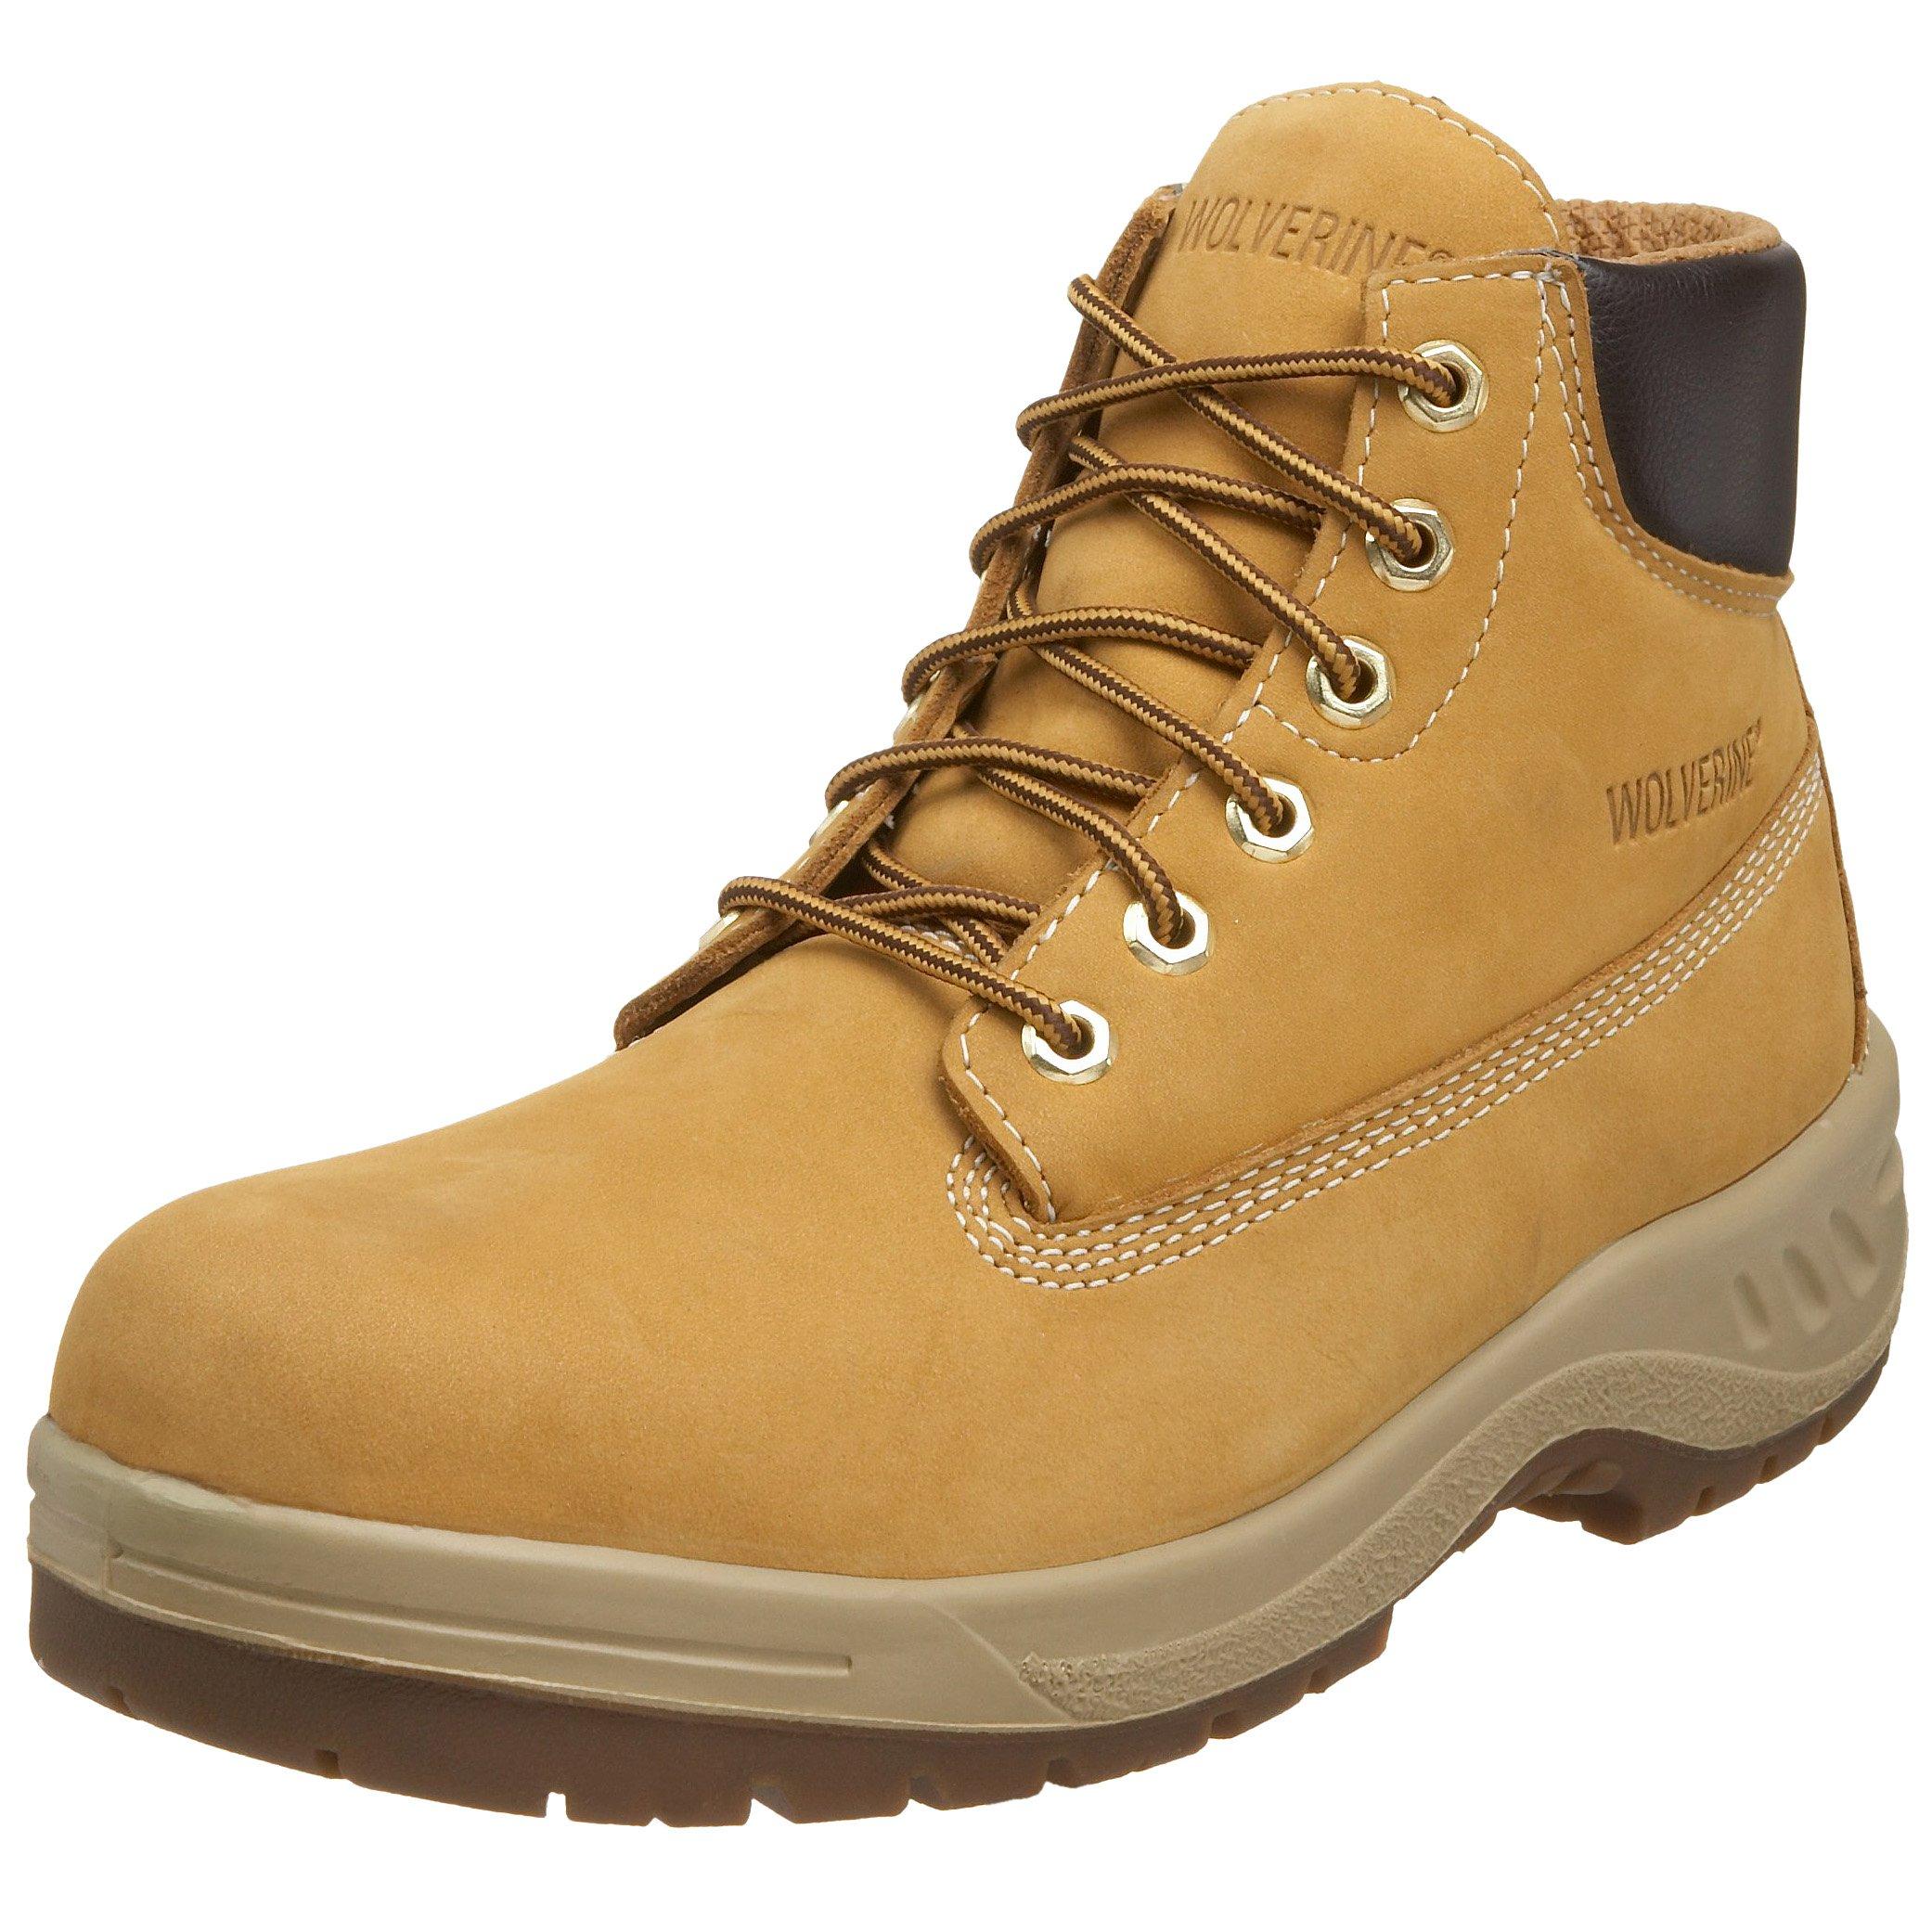 Wolverine Men's W01134 Wolverine Boot, Gold, 11.5 M US